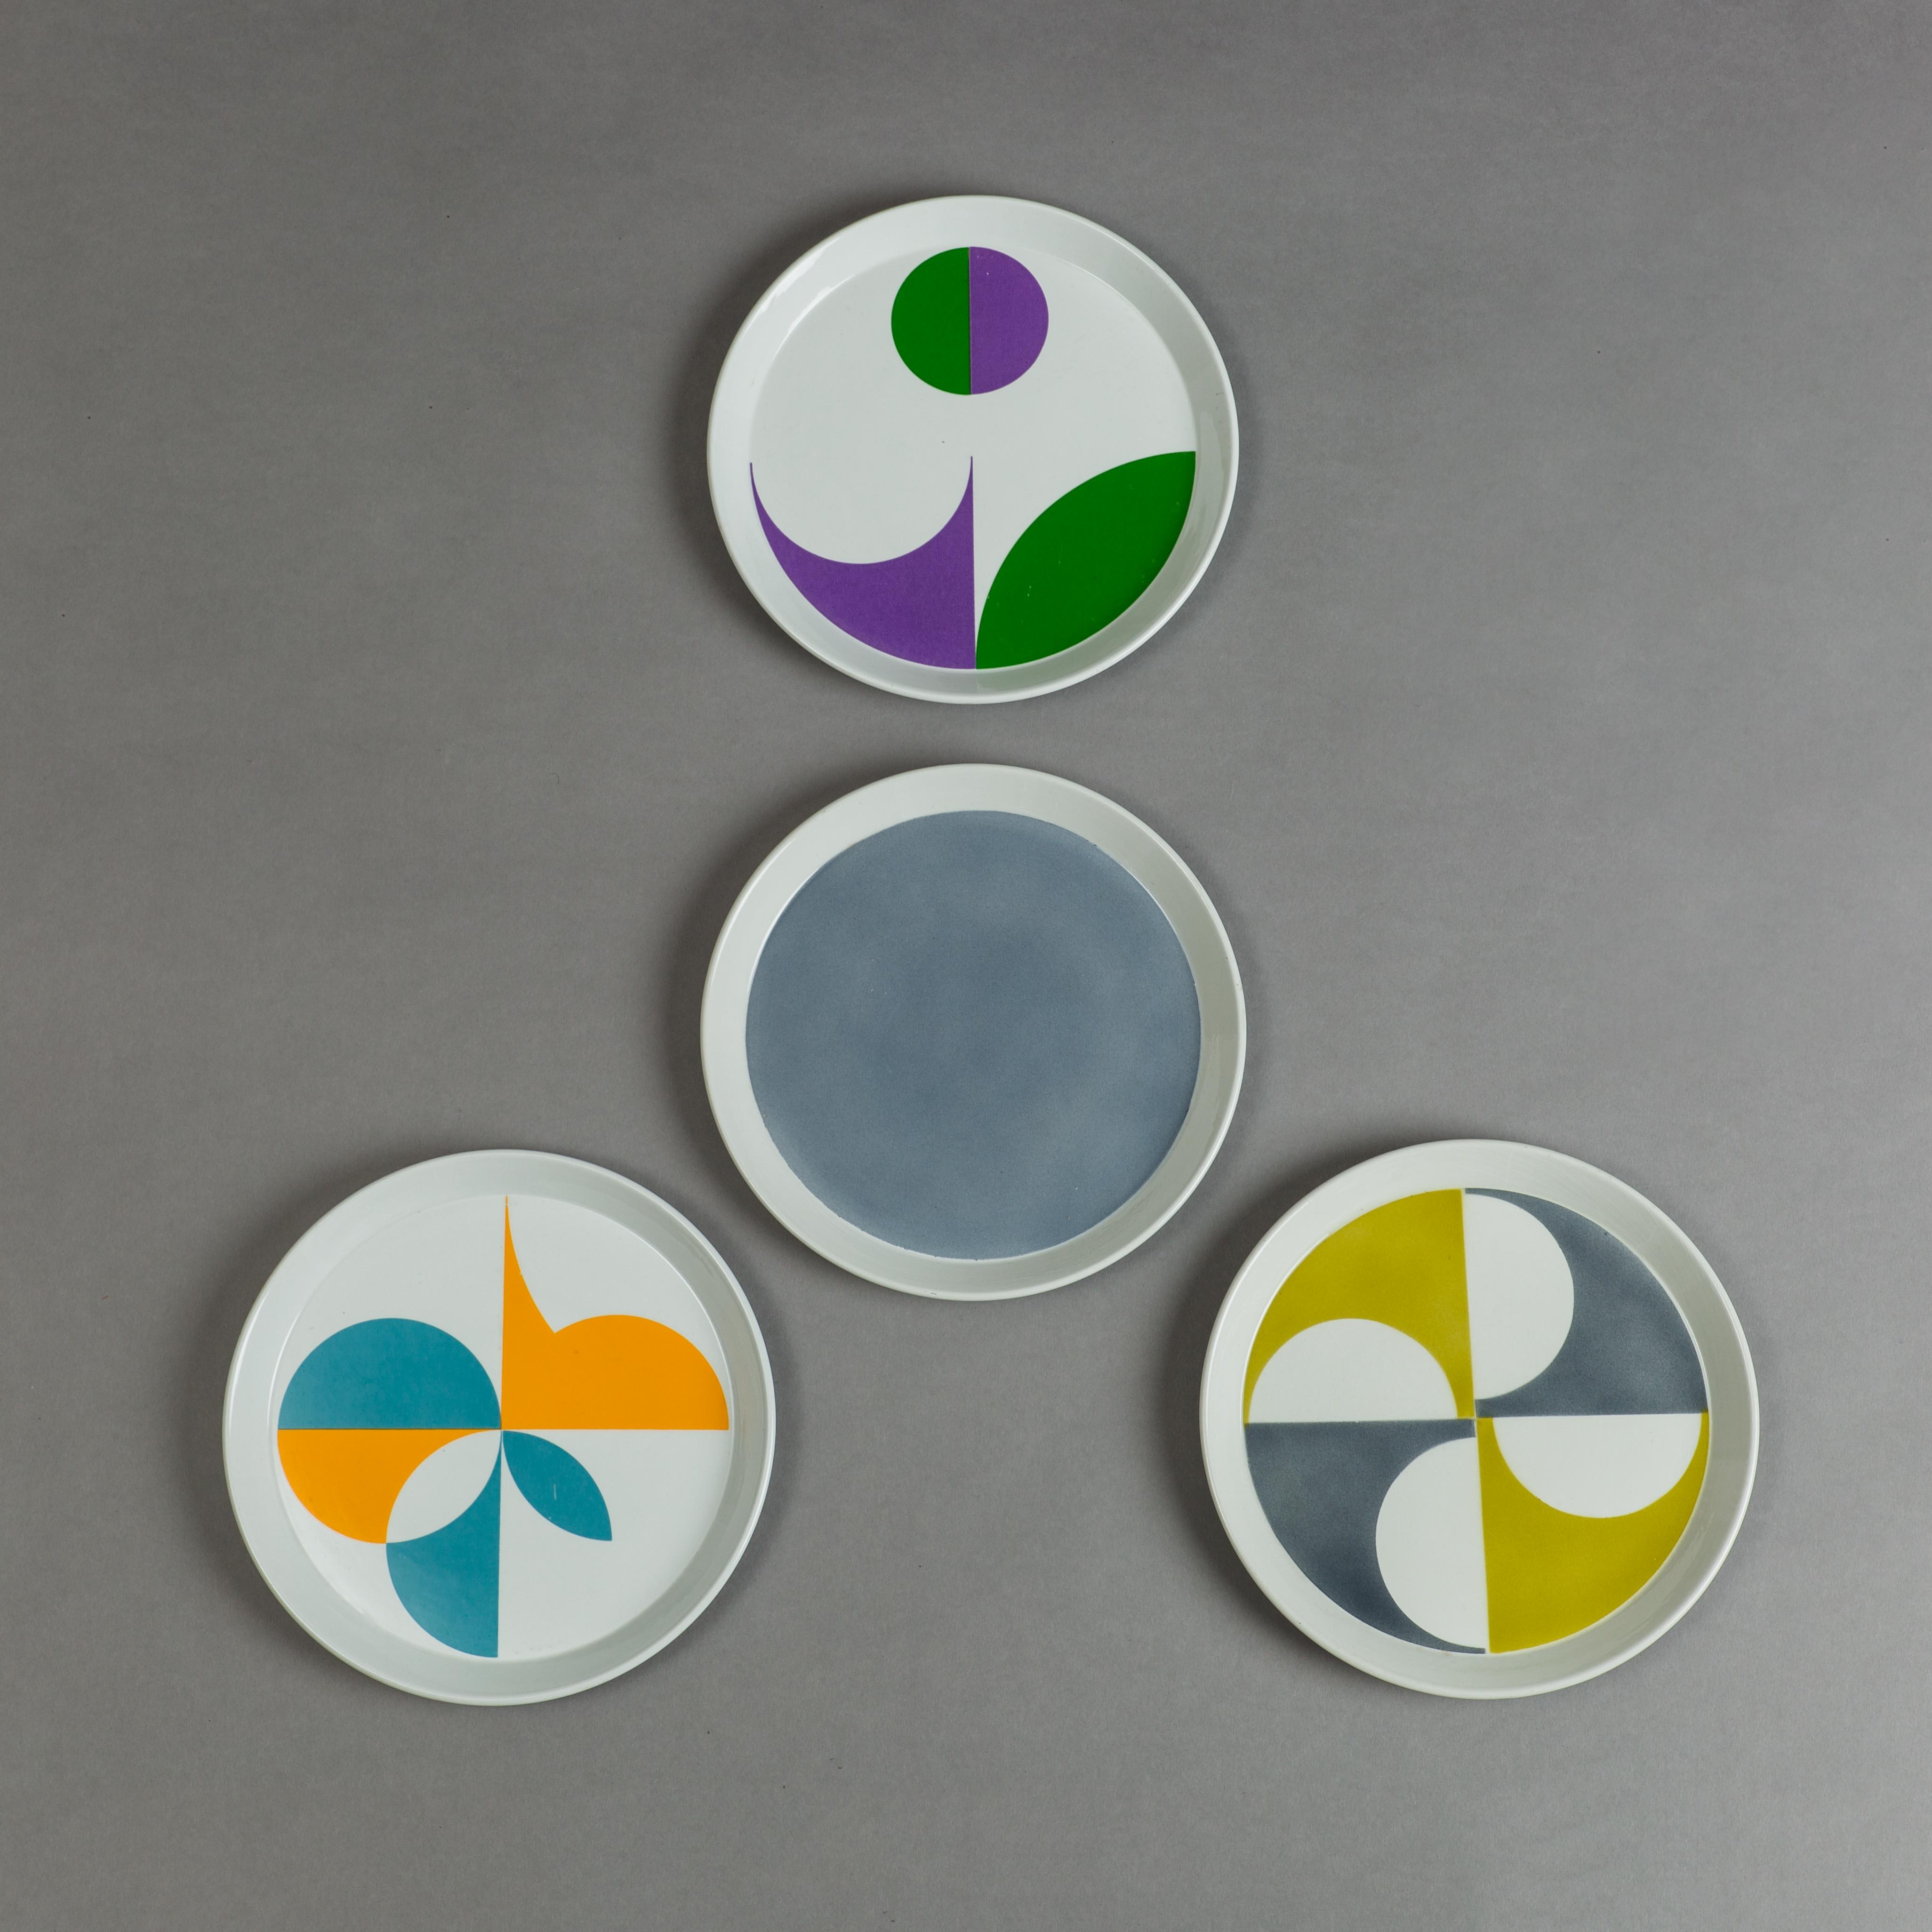 Set of 4 Ceramic Plates by Gio Ponti for Ceramica Franzo Pozzi   soyun k.